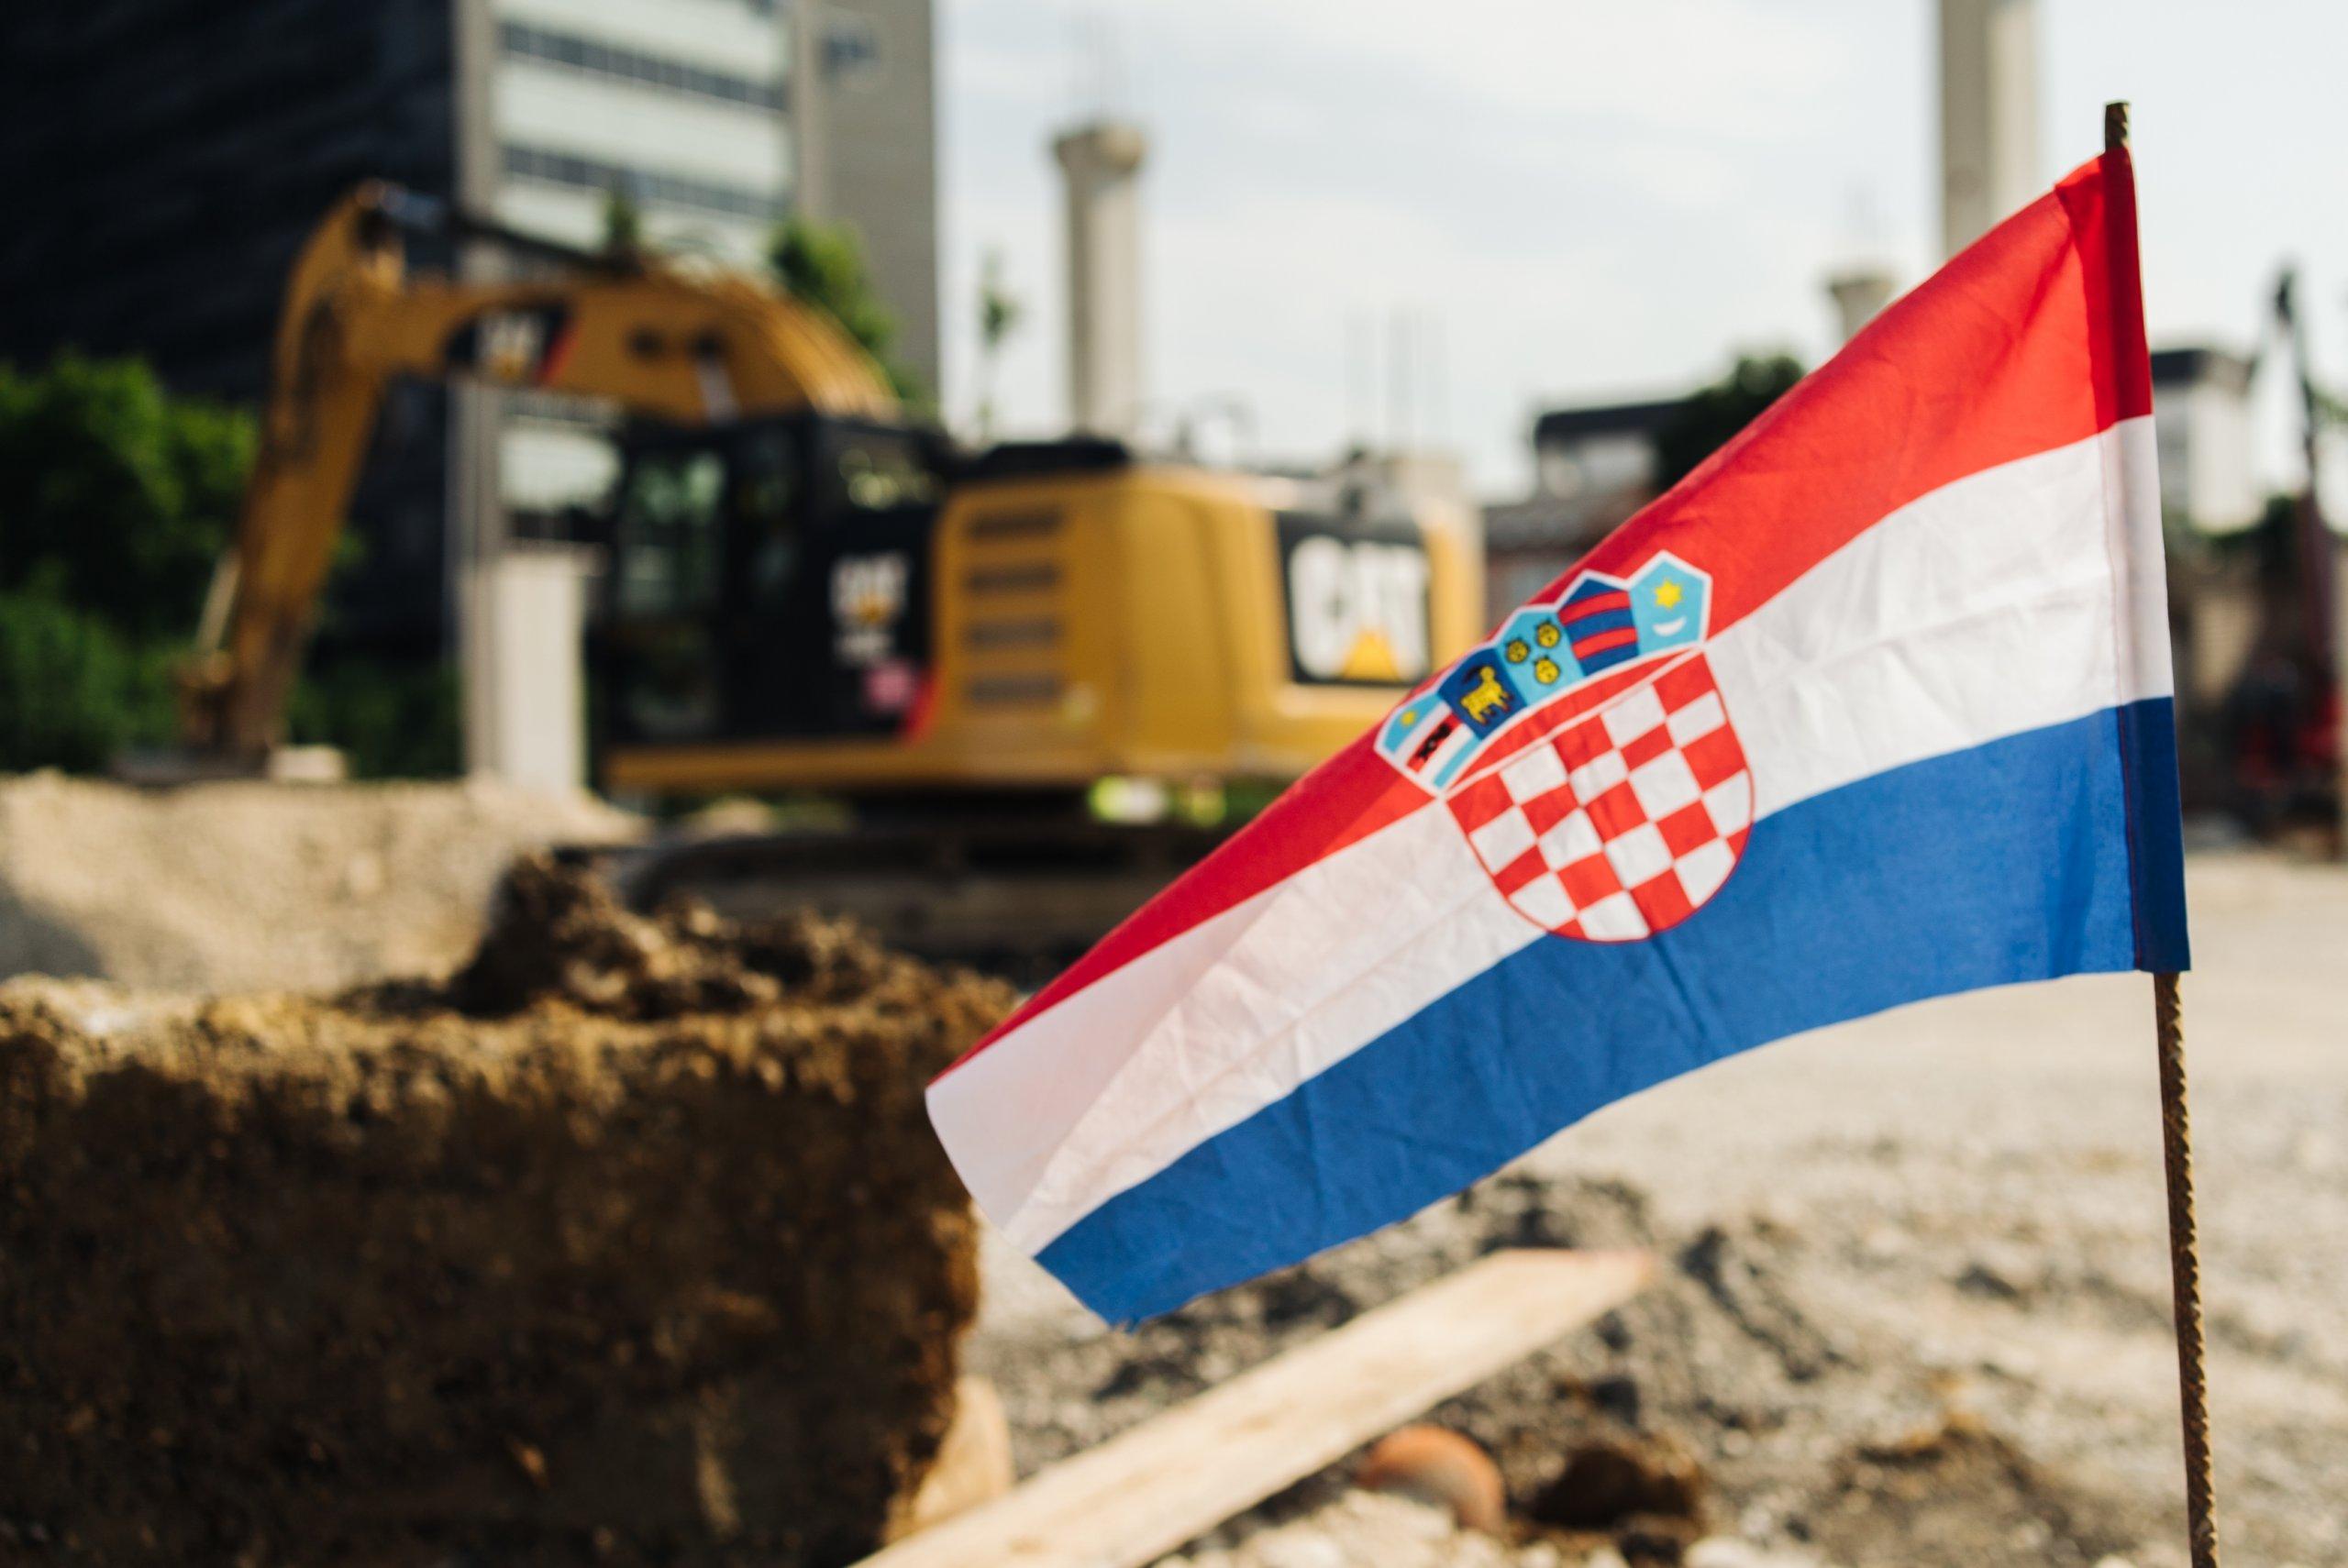 I na baušteli krenule pripreme za utakmicu između Hrvatske i Češke